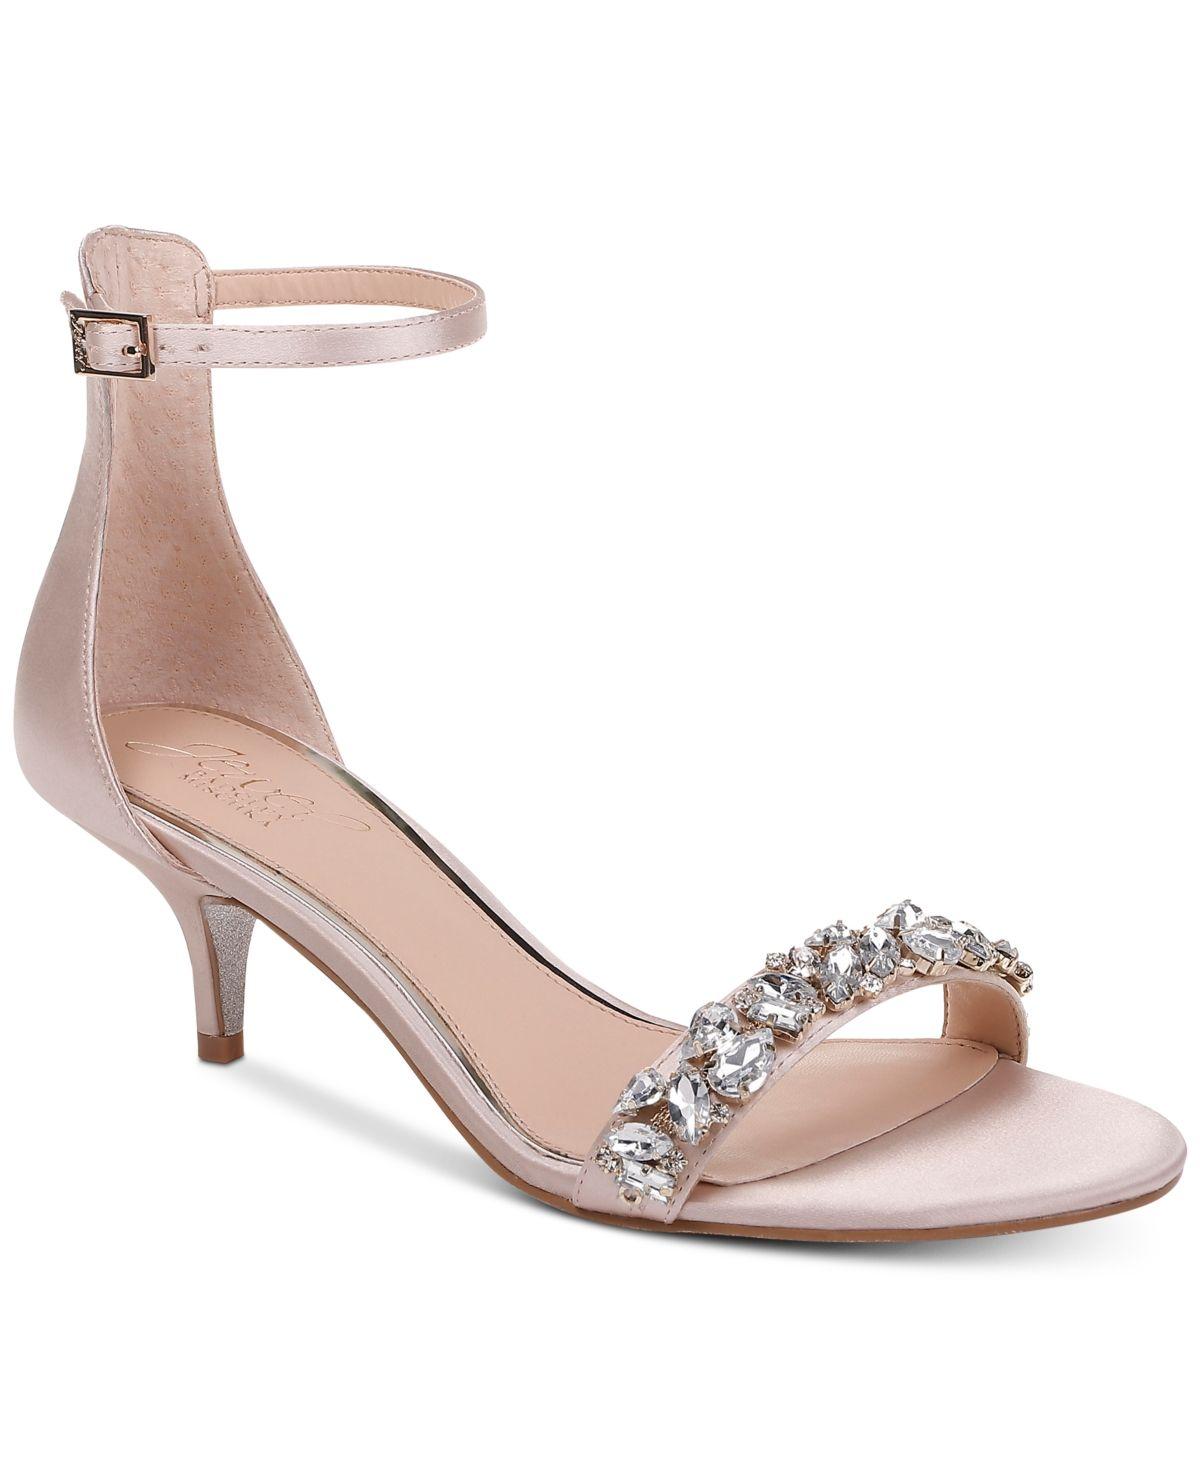 Jewel Badgley Mischka Dash Kitten Heel Evening Sandals Reviews Heels Pumps Shoes Macy S In 2020 Bridal Shoes Low Heel Kitten Heels Kitten Heels Wedding